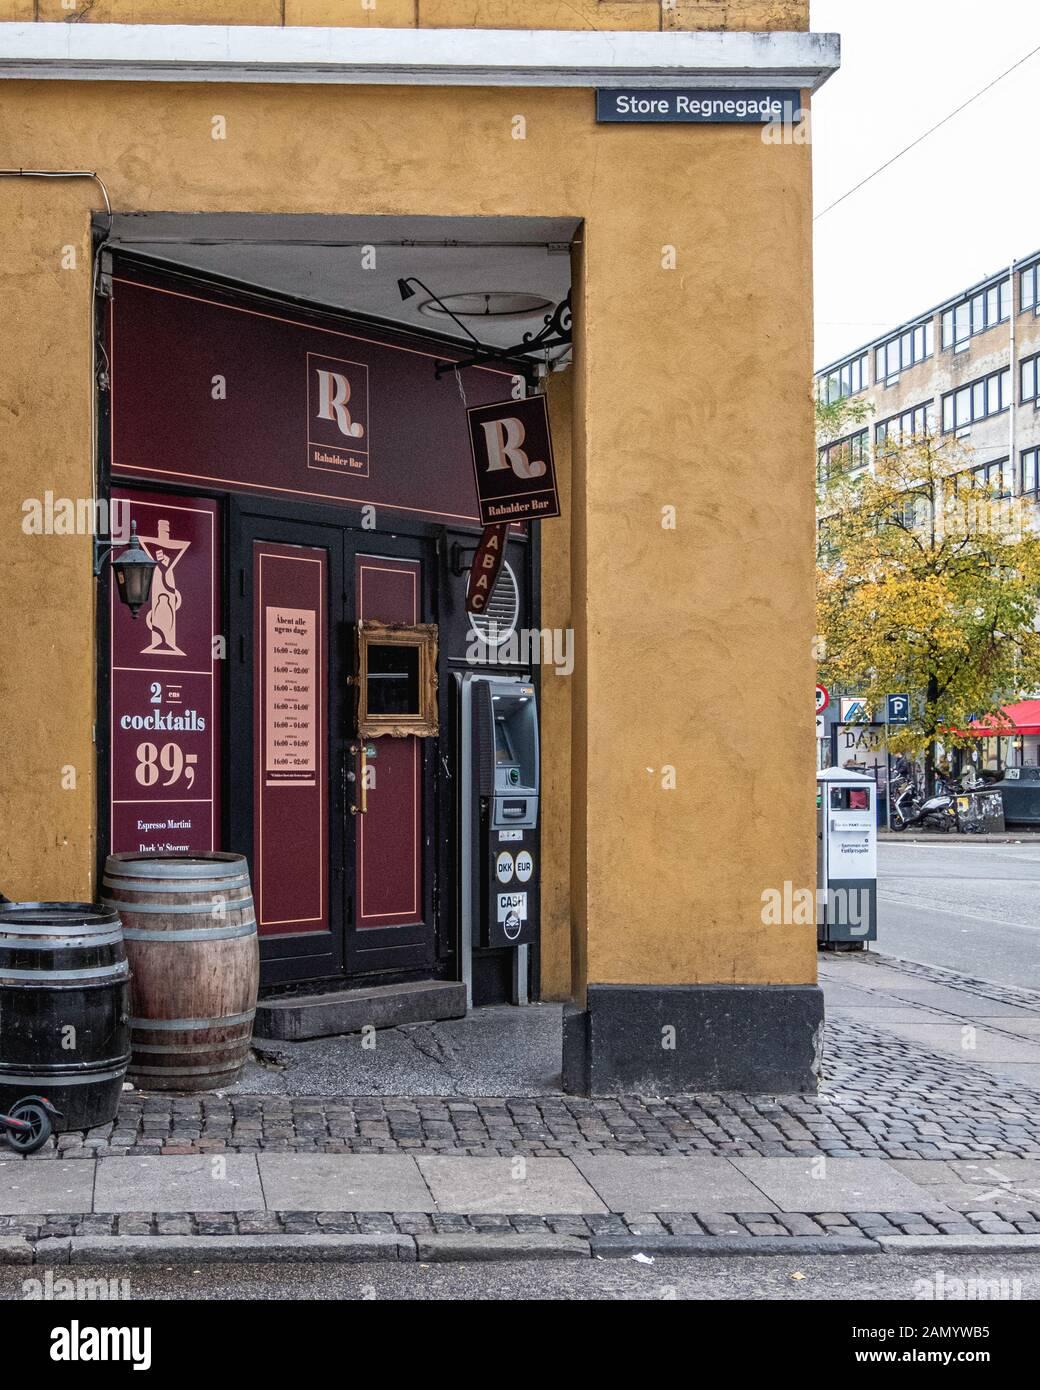 Bada bing gothersgade